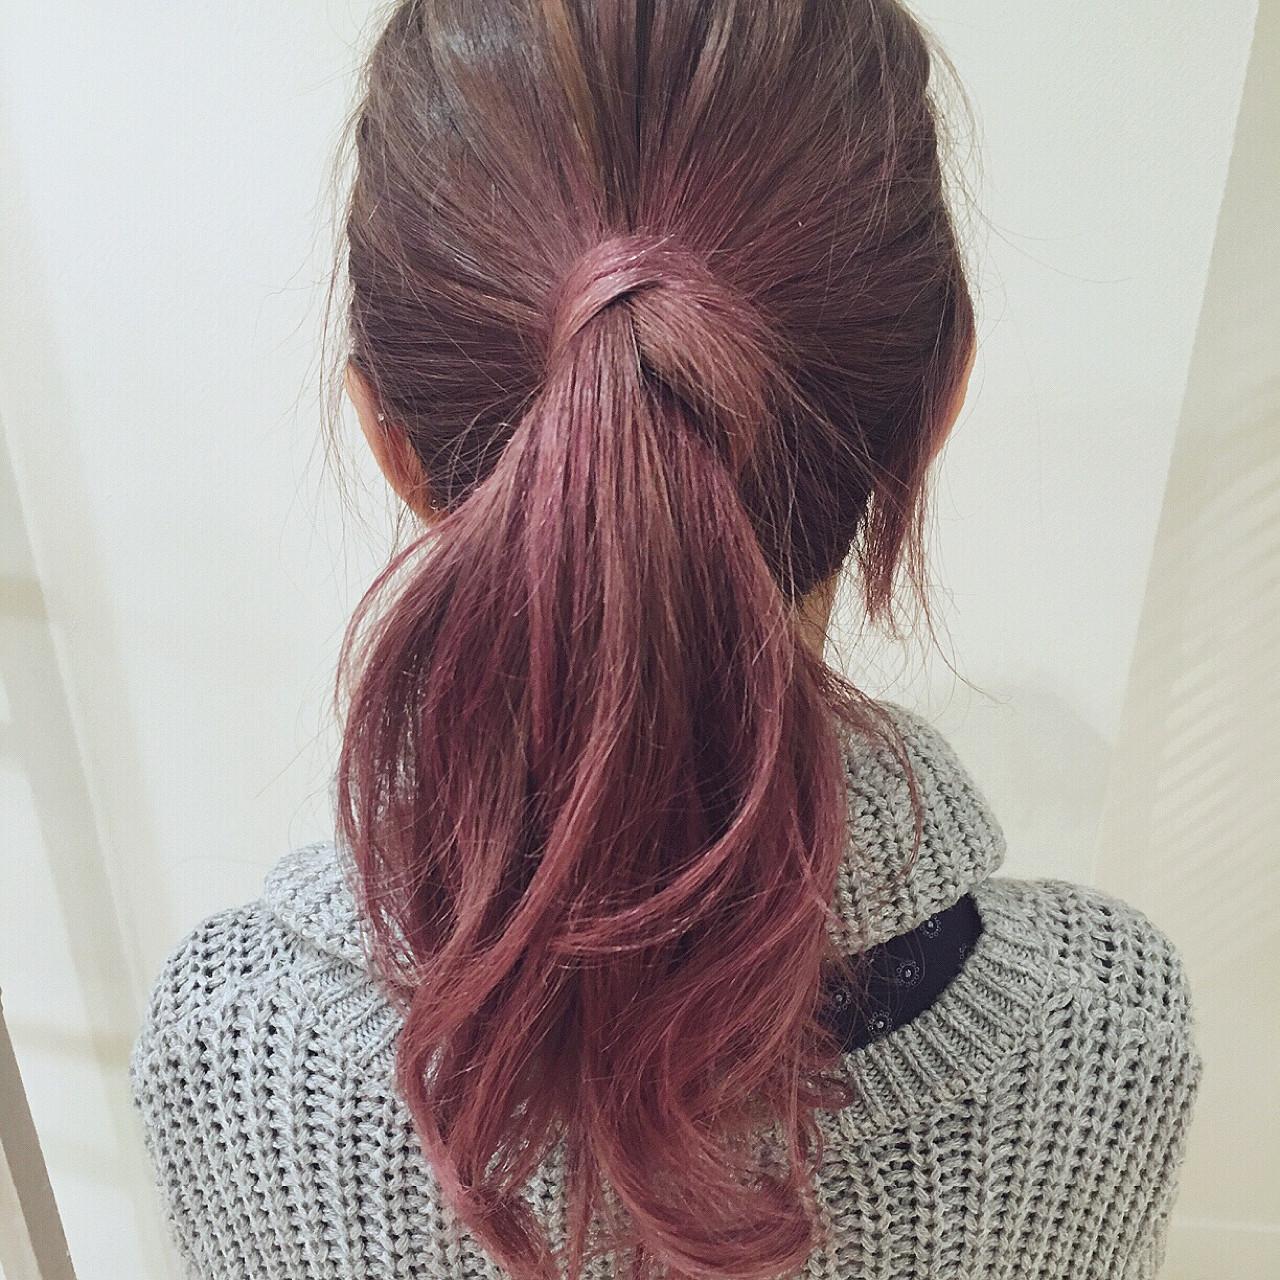 髪、切る前に遊んでみない?毛先○cmの春色ピンクがマンネリ気分にサヨナラを告げる♡ 坂本一馬/Garden hair